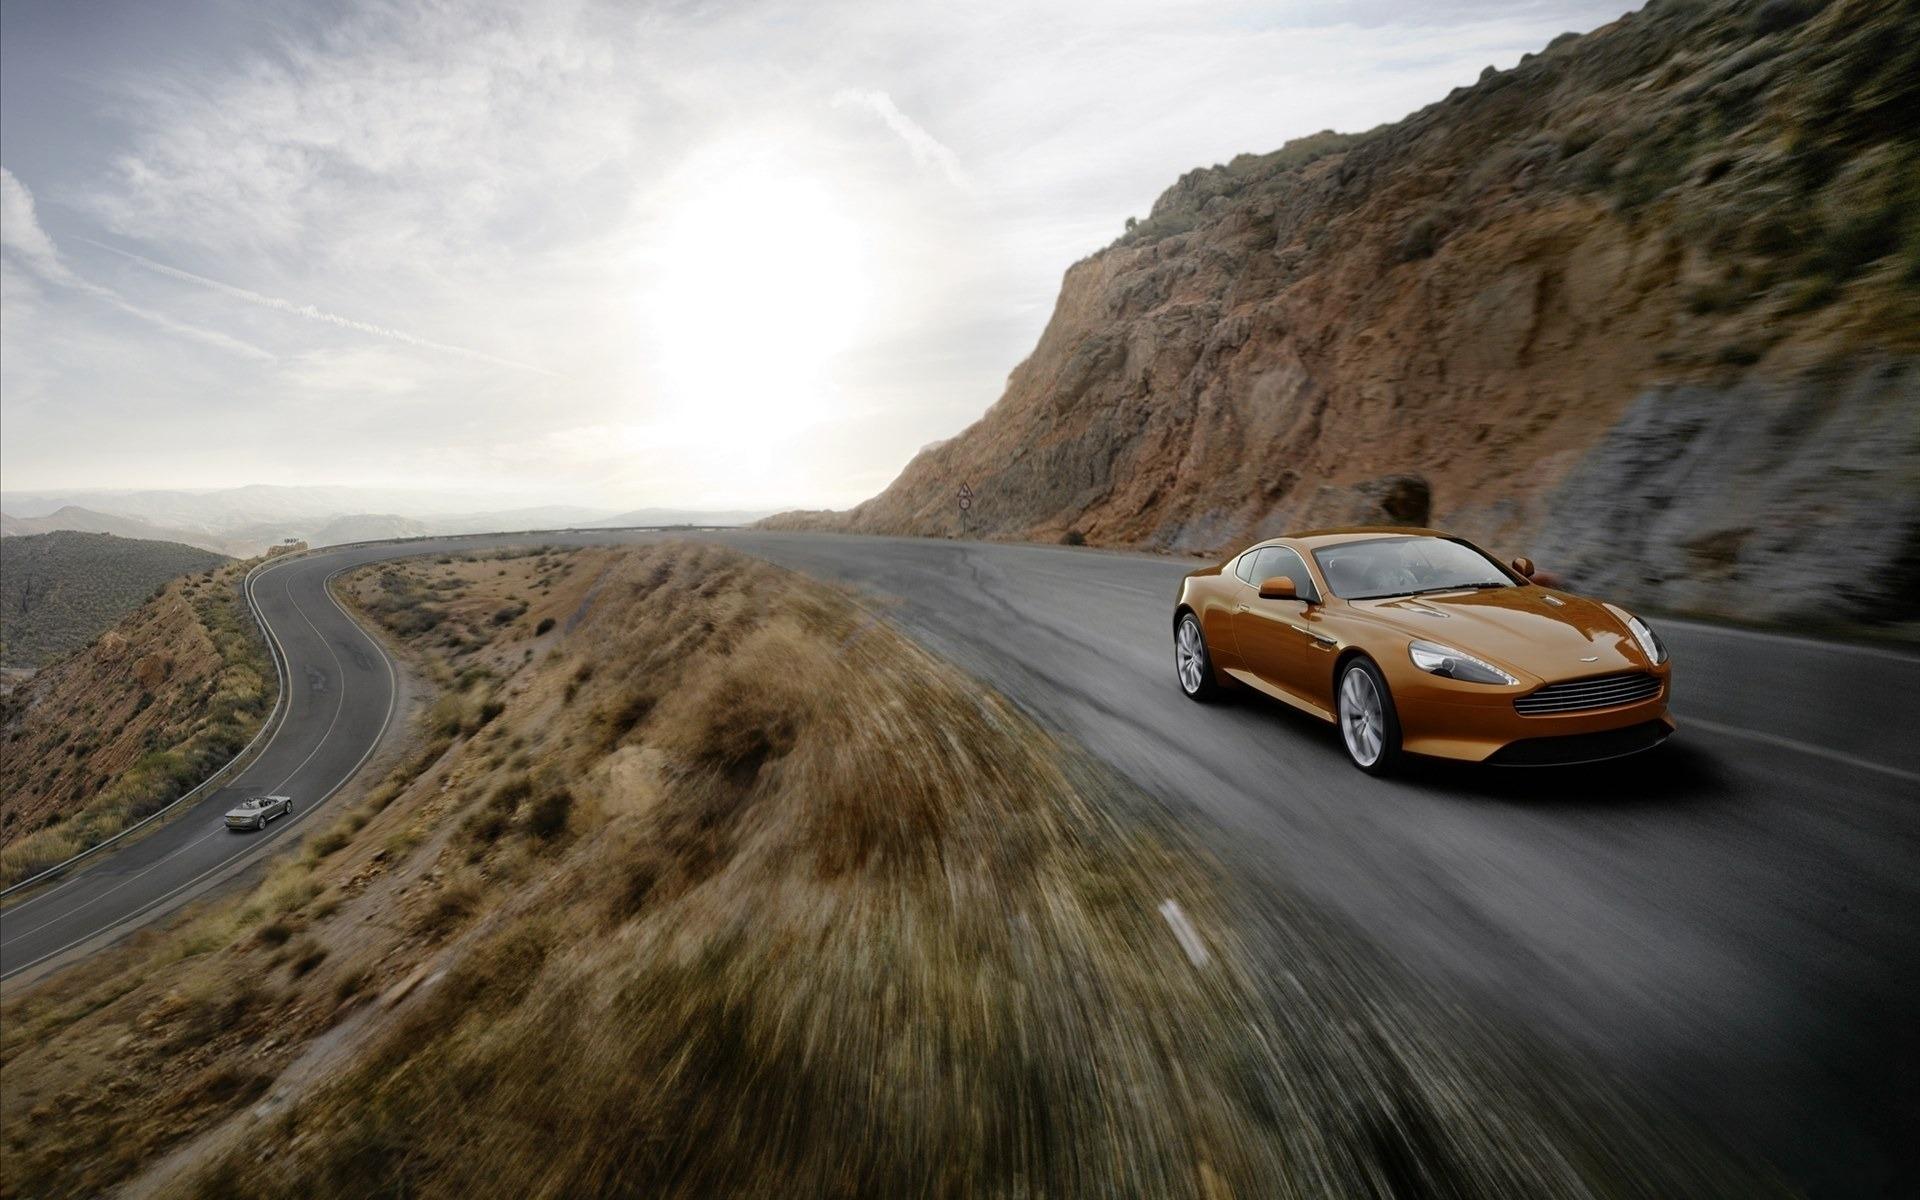 39004 скачать обои Транспорт, Машины, Астон Мартин (Aston Martin) - заставки и картинки бесплатно